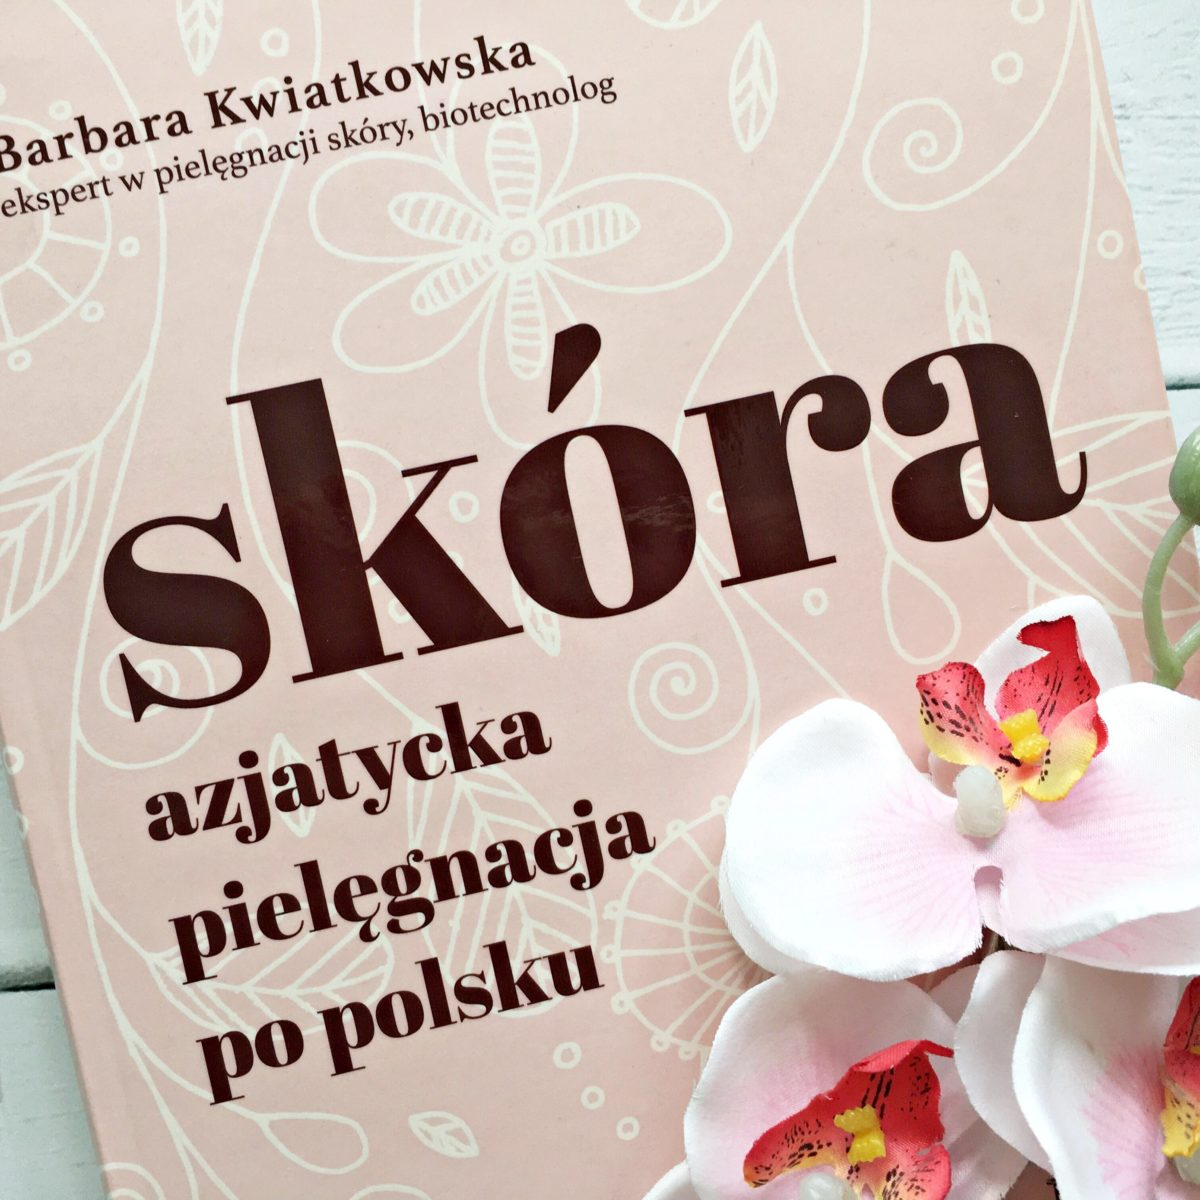 annemarie Barbara Kwiatkowska Azjatycka pielęgnacja po polsku